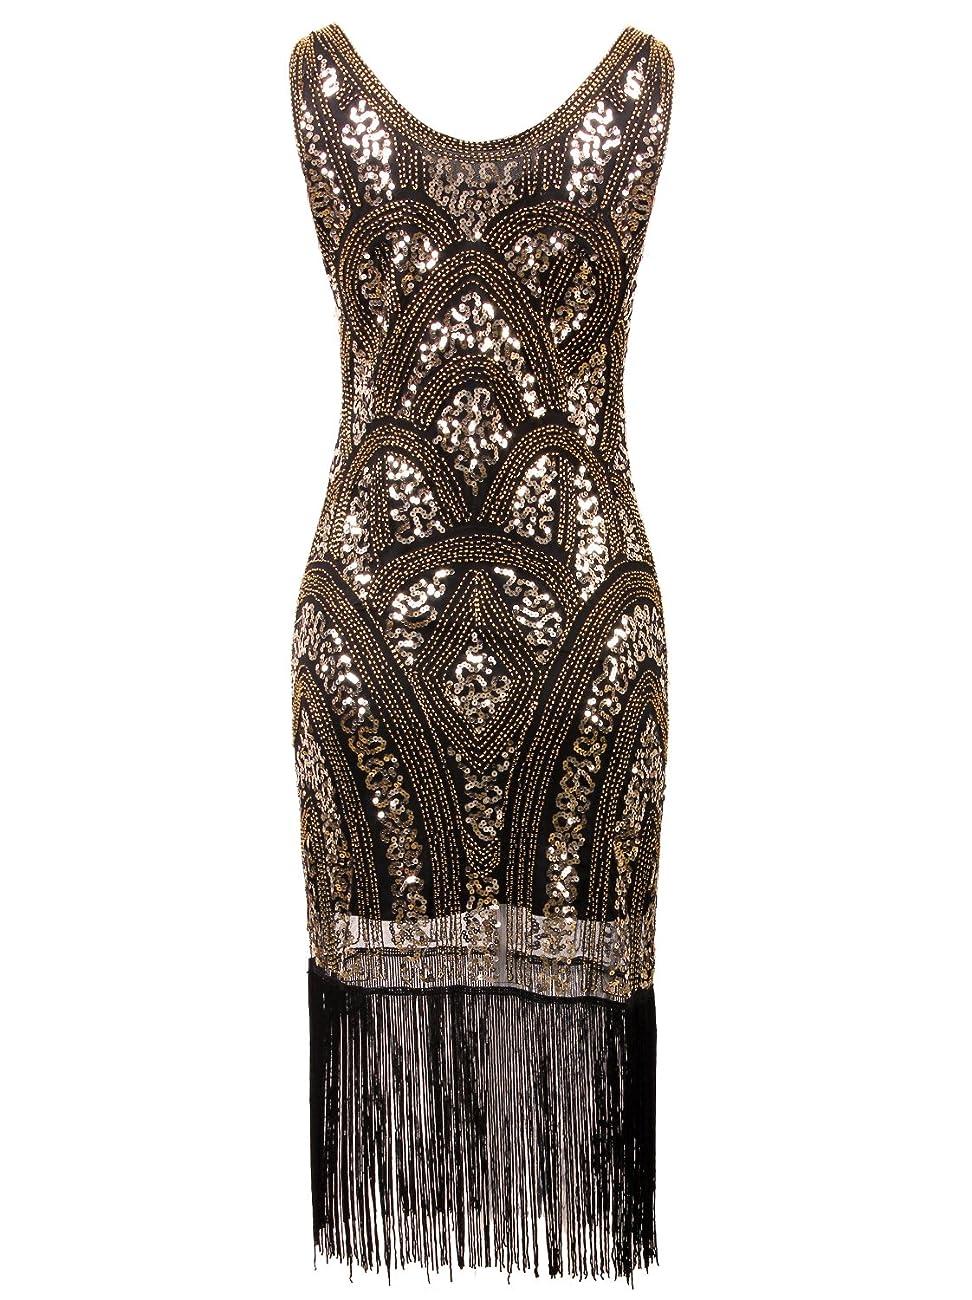 Vijiv 1920s Vintage Inspired Sequin Embellished Fringe Prom Gatsby Flapper Dress 3